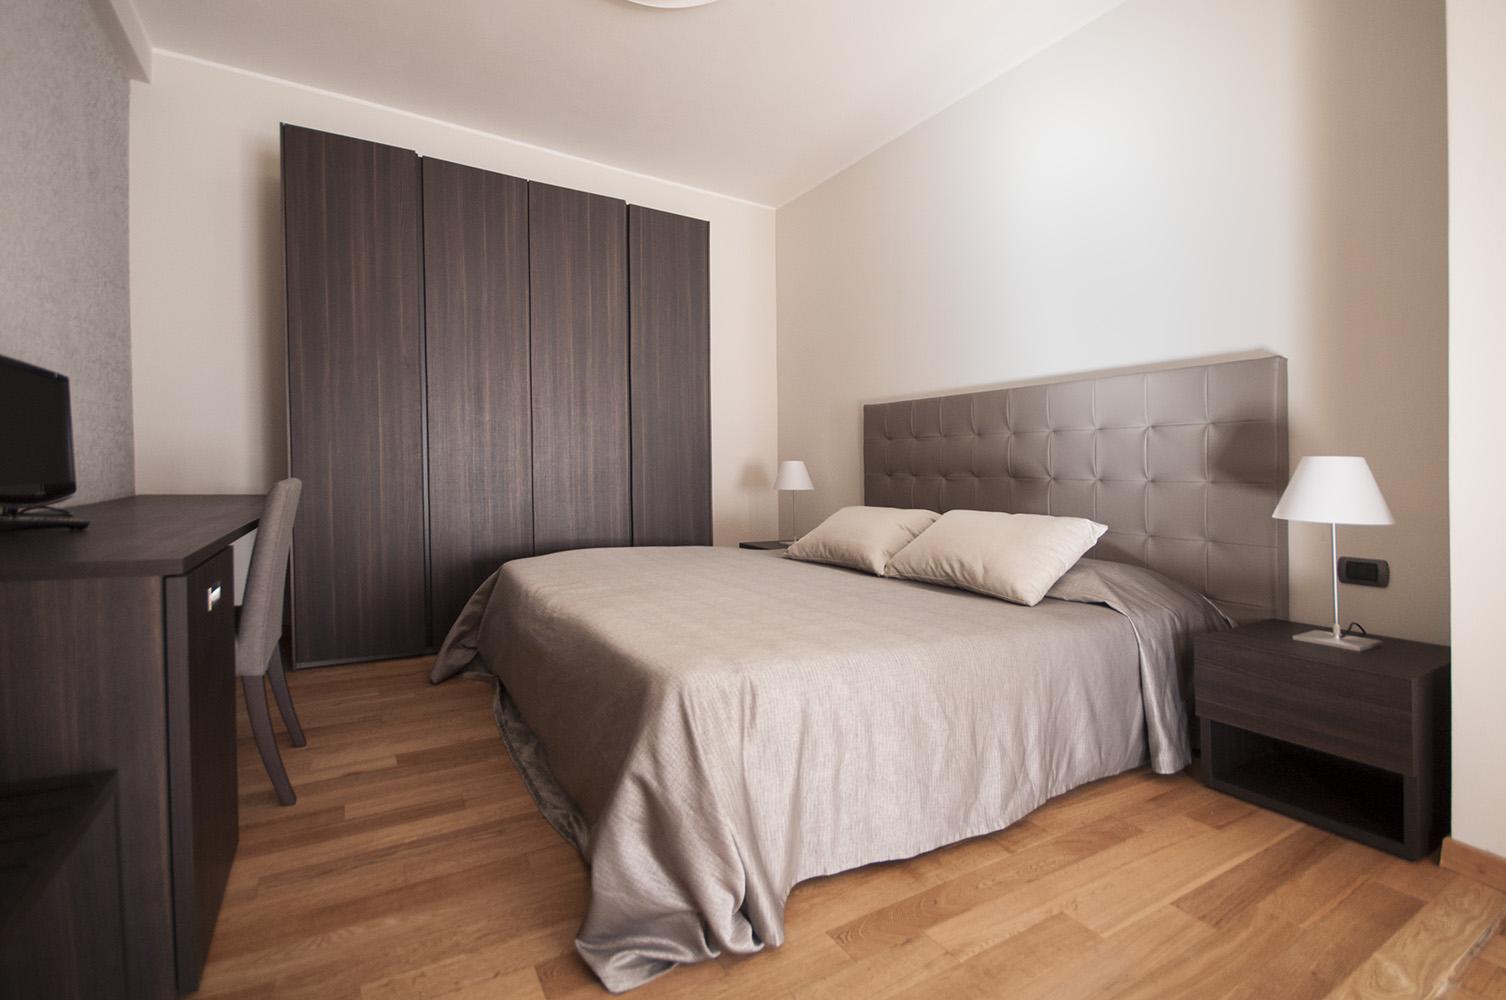 Ristorante matrimonio - camera matrimoniale- Hotel Maloia